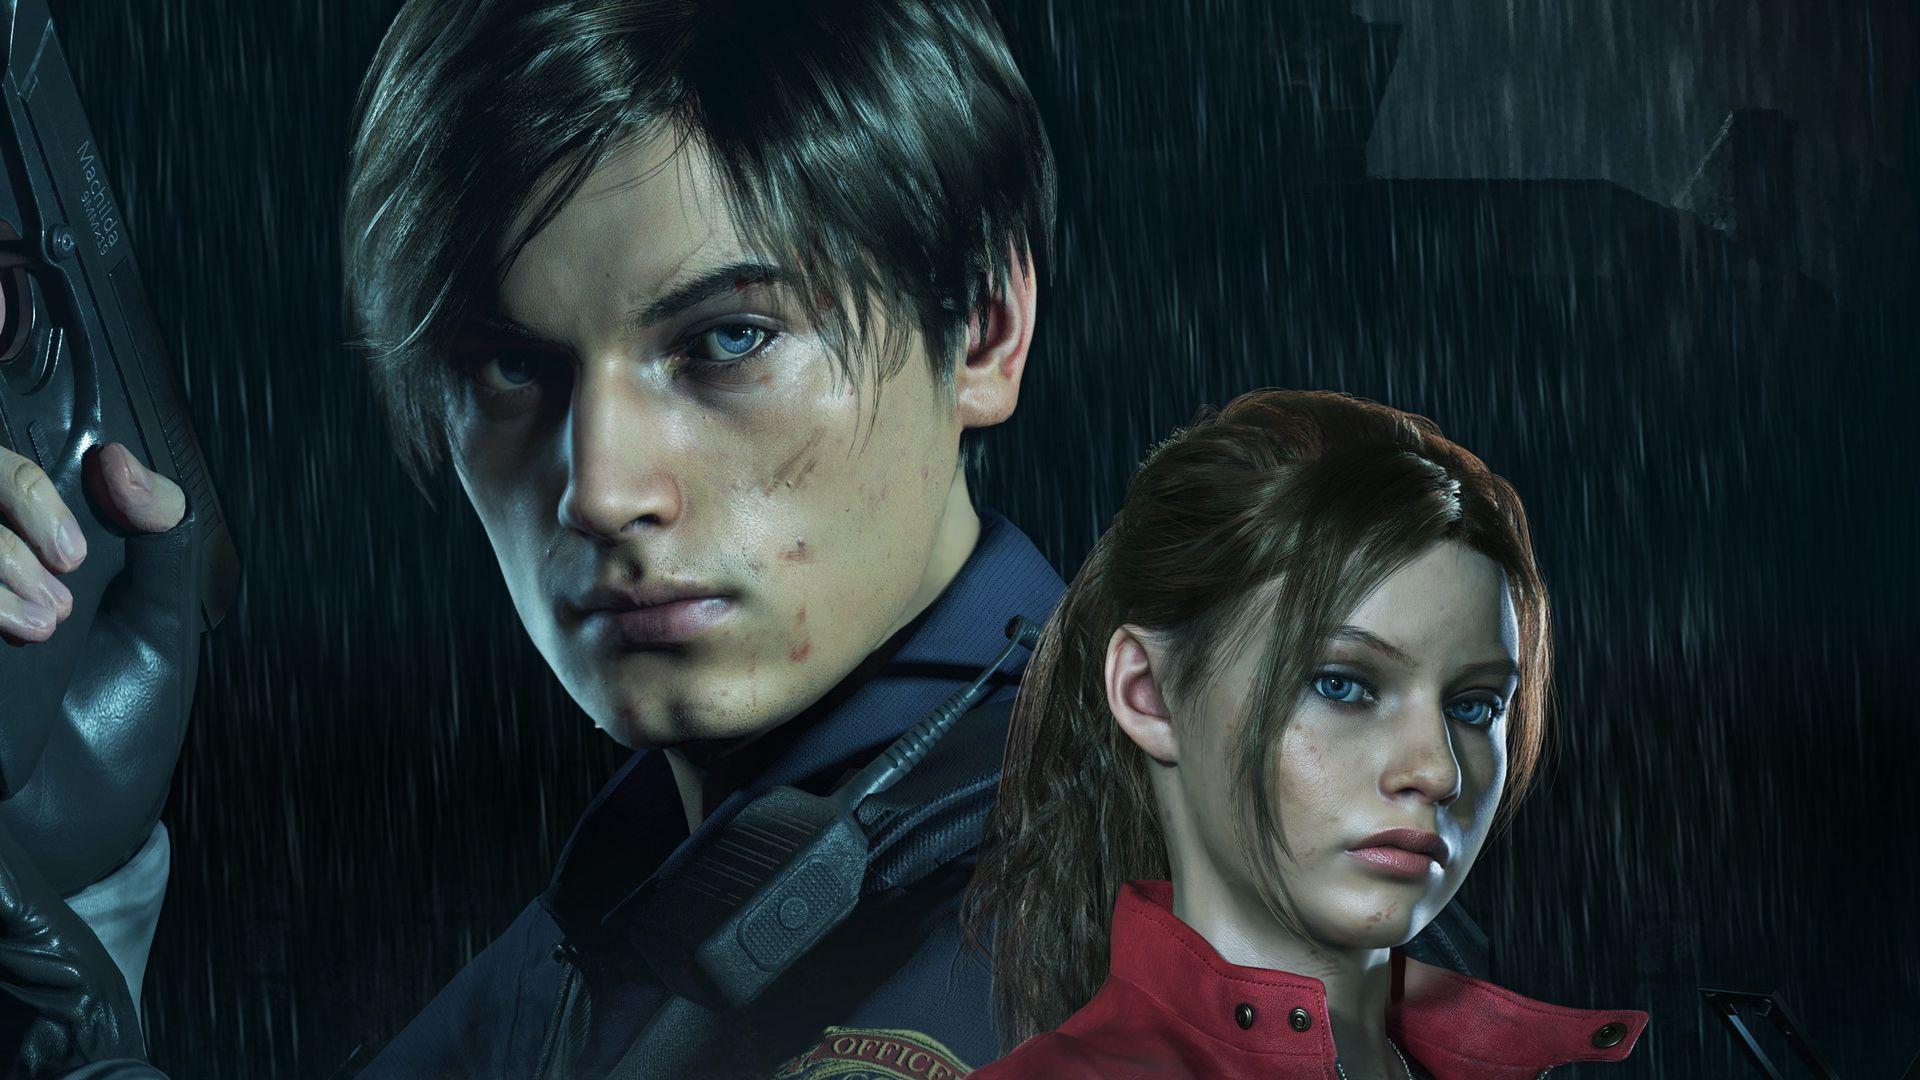 Leon Resident Evil 4k Wallpapers Top Free Leon Resident Evil 4k